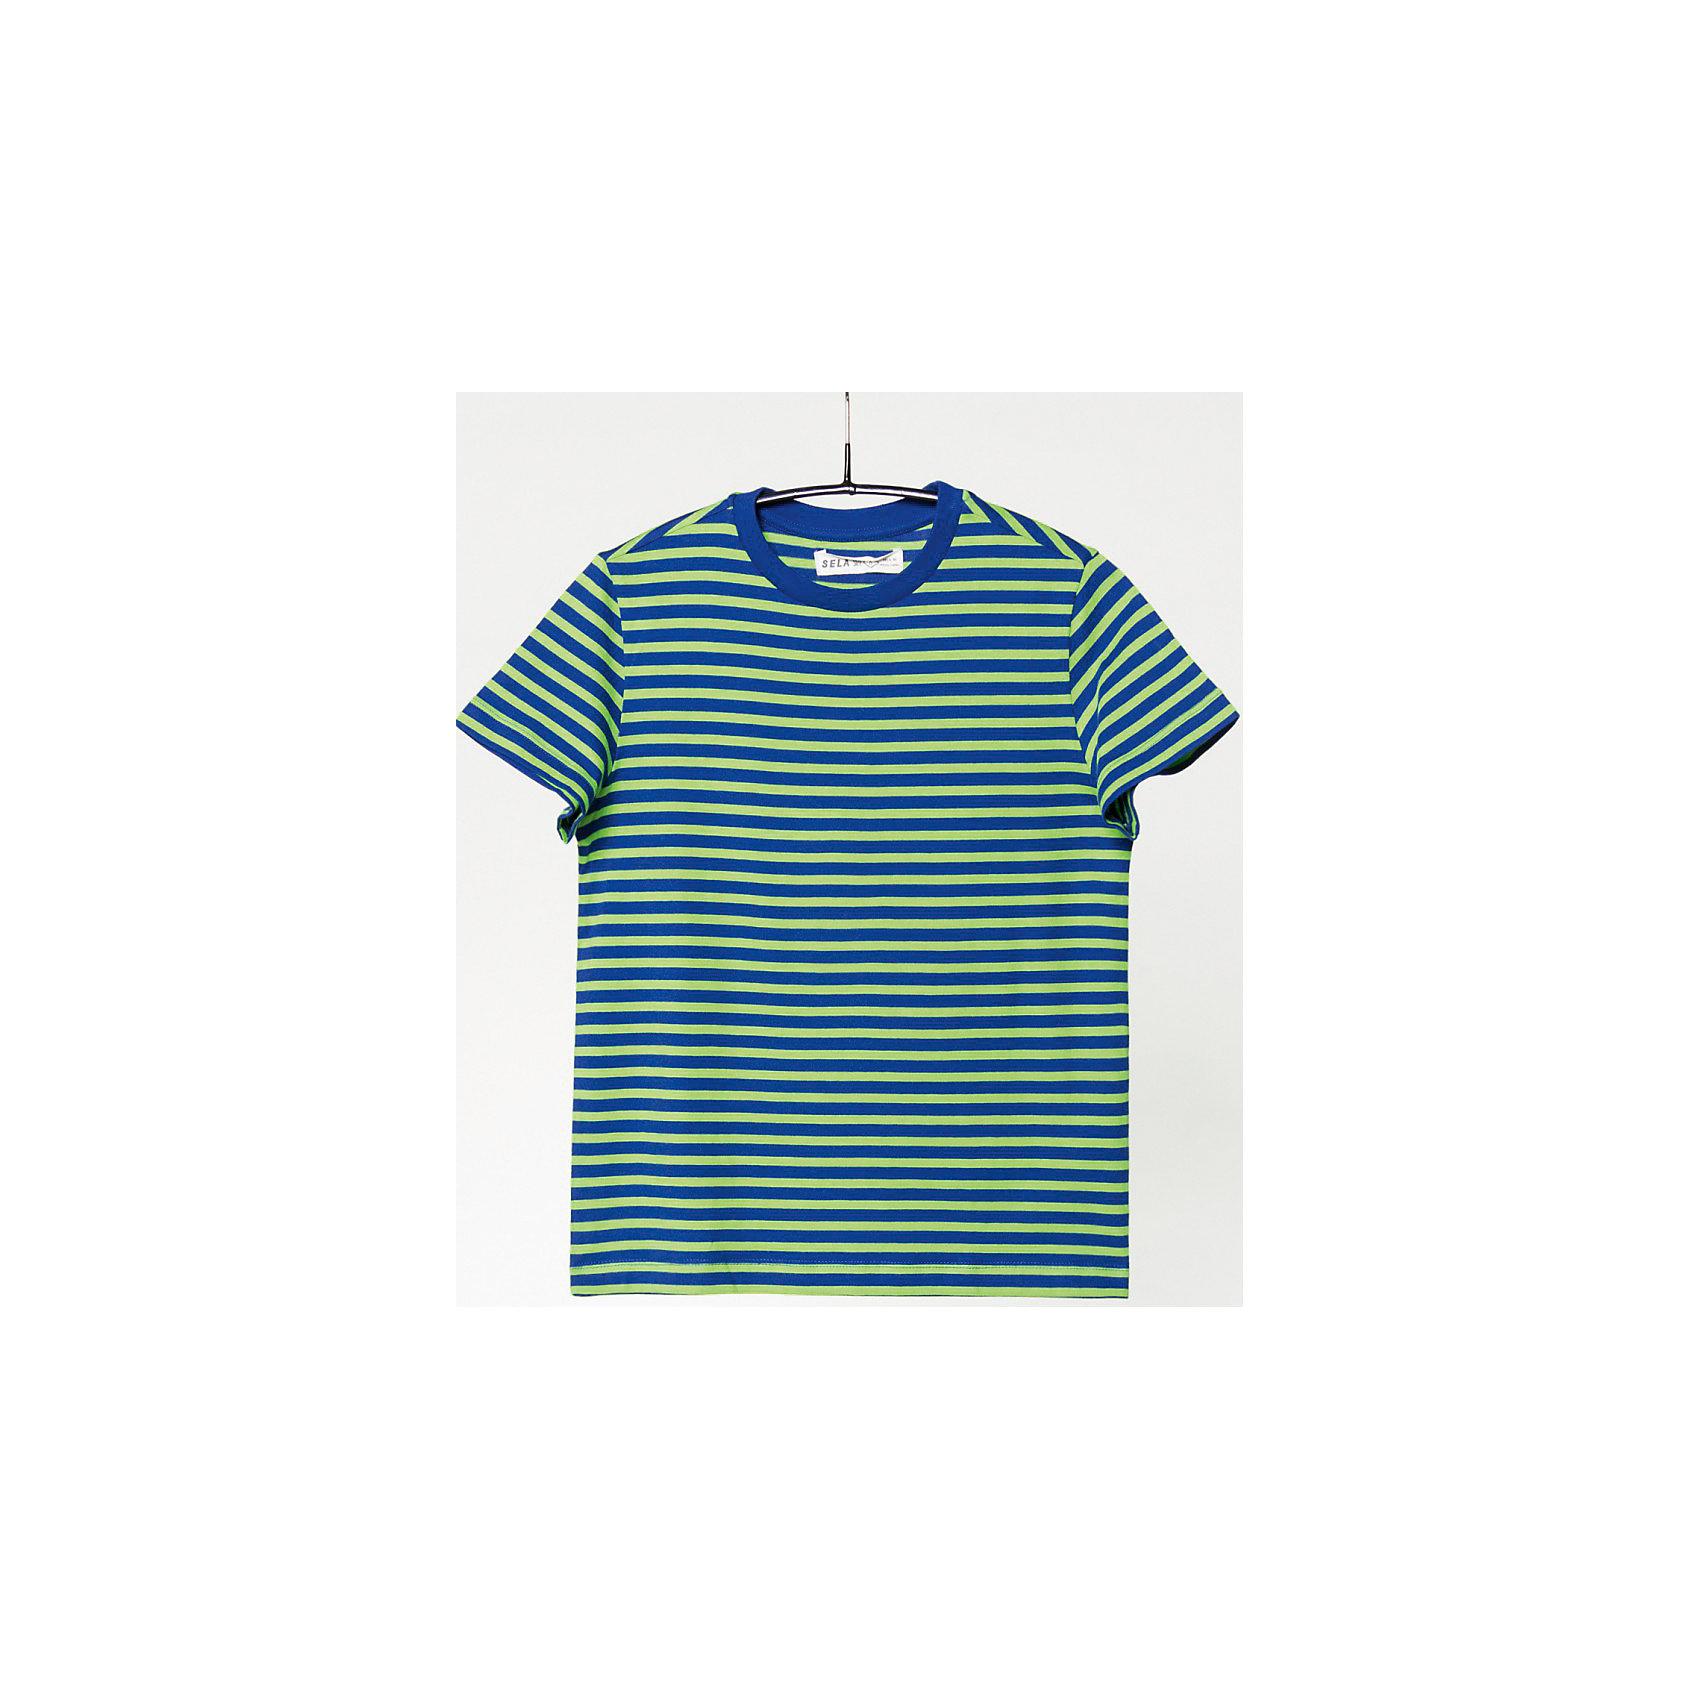 Футболка для мальчика SELAПрекрасная футболка для мальчика от популярного бренда SELA. Изделие выполнено из натурального гипоаллергенного трикотажа, очень мягкого, дышащего и приятного к телу, и обладает следующими особенностями:<br>- позитивный полосатый принт;<br>- эластичная отделка горловины;<br>- комфортный крой;<br>- базовая модель.<br>Великолепный выбор для активного лета!<br><br>Дополнительная информация:<br>- состав: 100% хлопок<br>- цвет: зеленый + синий<br><br>Футболку для мальчика SELA можно купить в нашем магазине<br><br>Ширина мм: 230<br>Глубина мм: 40<br>Высота мм: 220<br>Вес г: 250<br>Цвет: зеленый<br>Возраст от месяцев: 72<br>Возраст до месяцев: 84<br>Пол: Мужской<br>Возраст: Детский<br>Размер: 122,140,152,146,116,128,134<br>SKU: 4741319